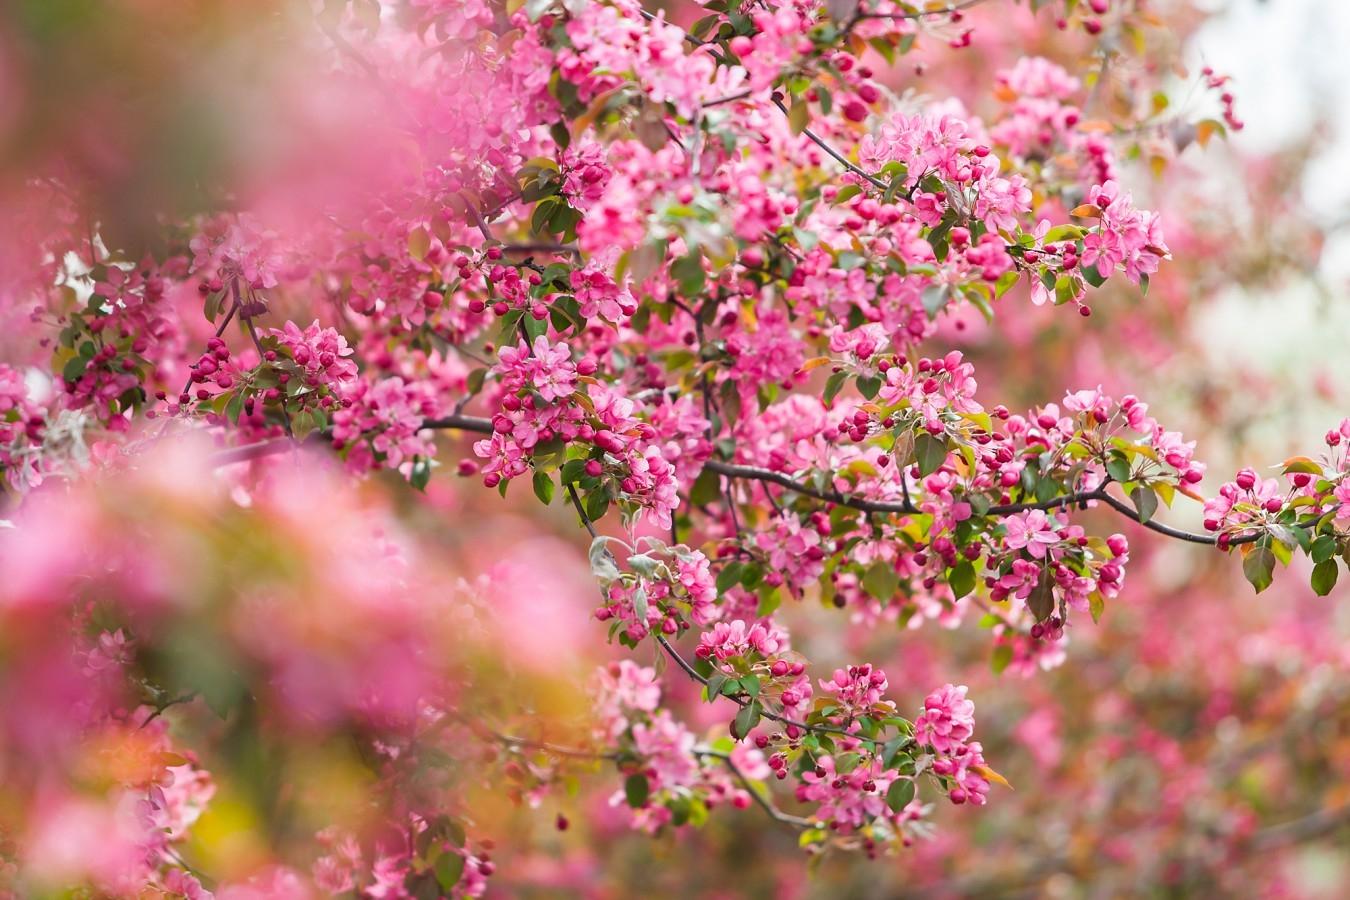 Где красивые места в Москве: 5 лучших цветущих садов - Красивые места в Москве